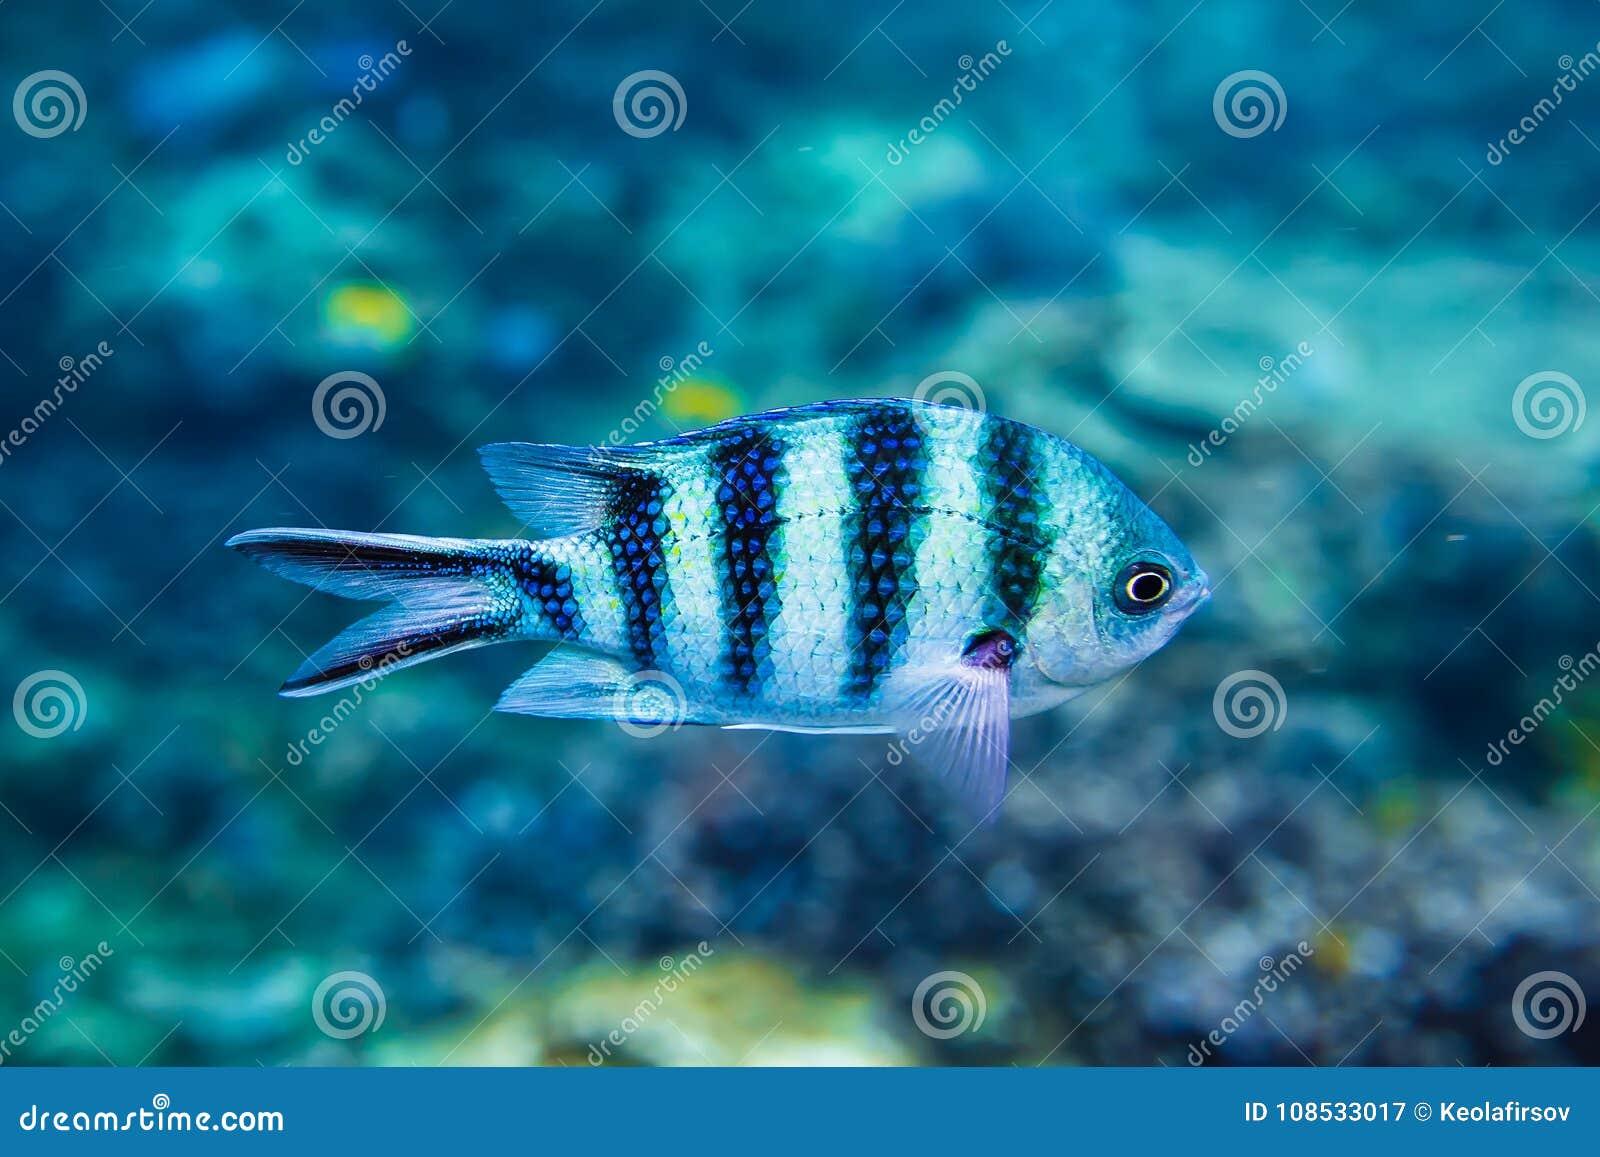 Tropical Fish Is Underwater Sea Life In Indian Ocean